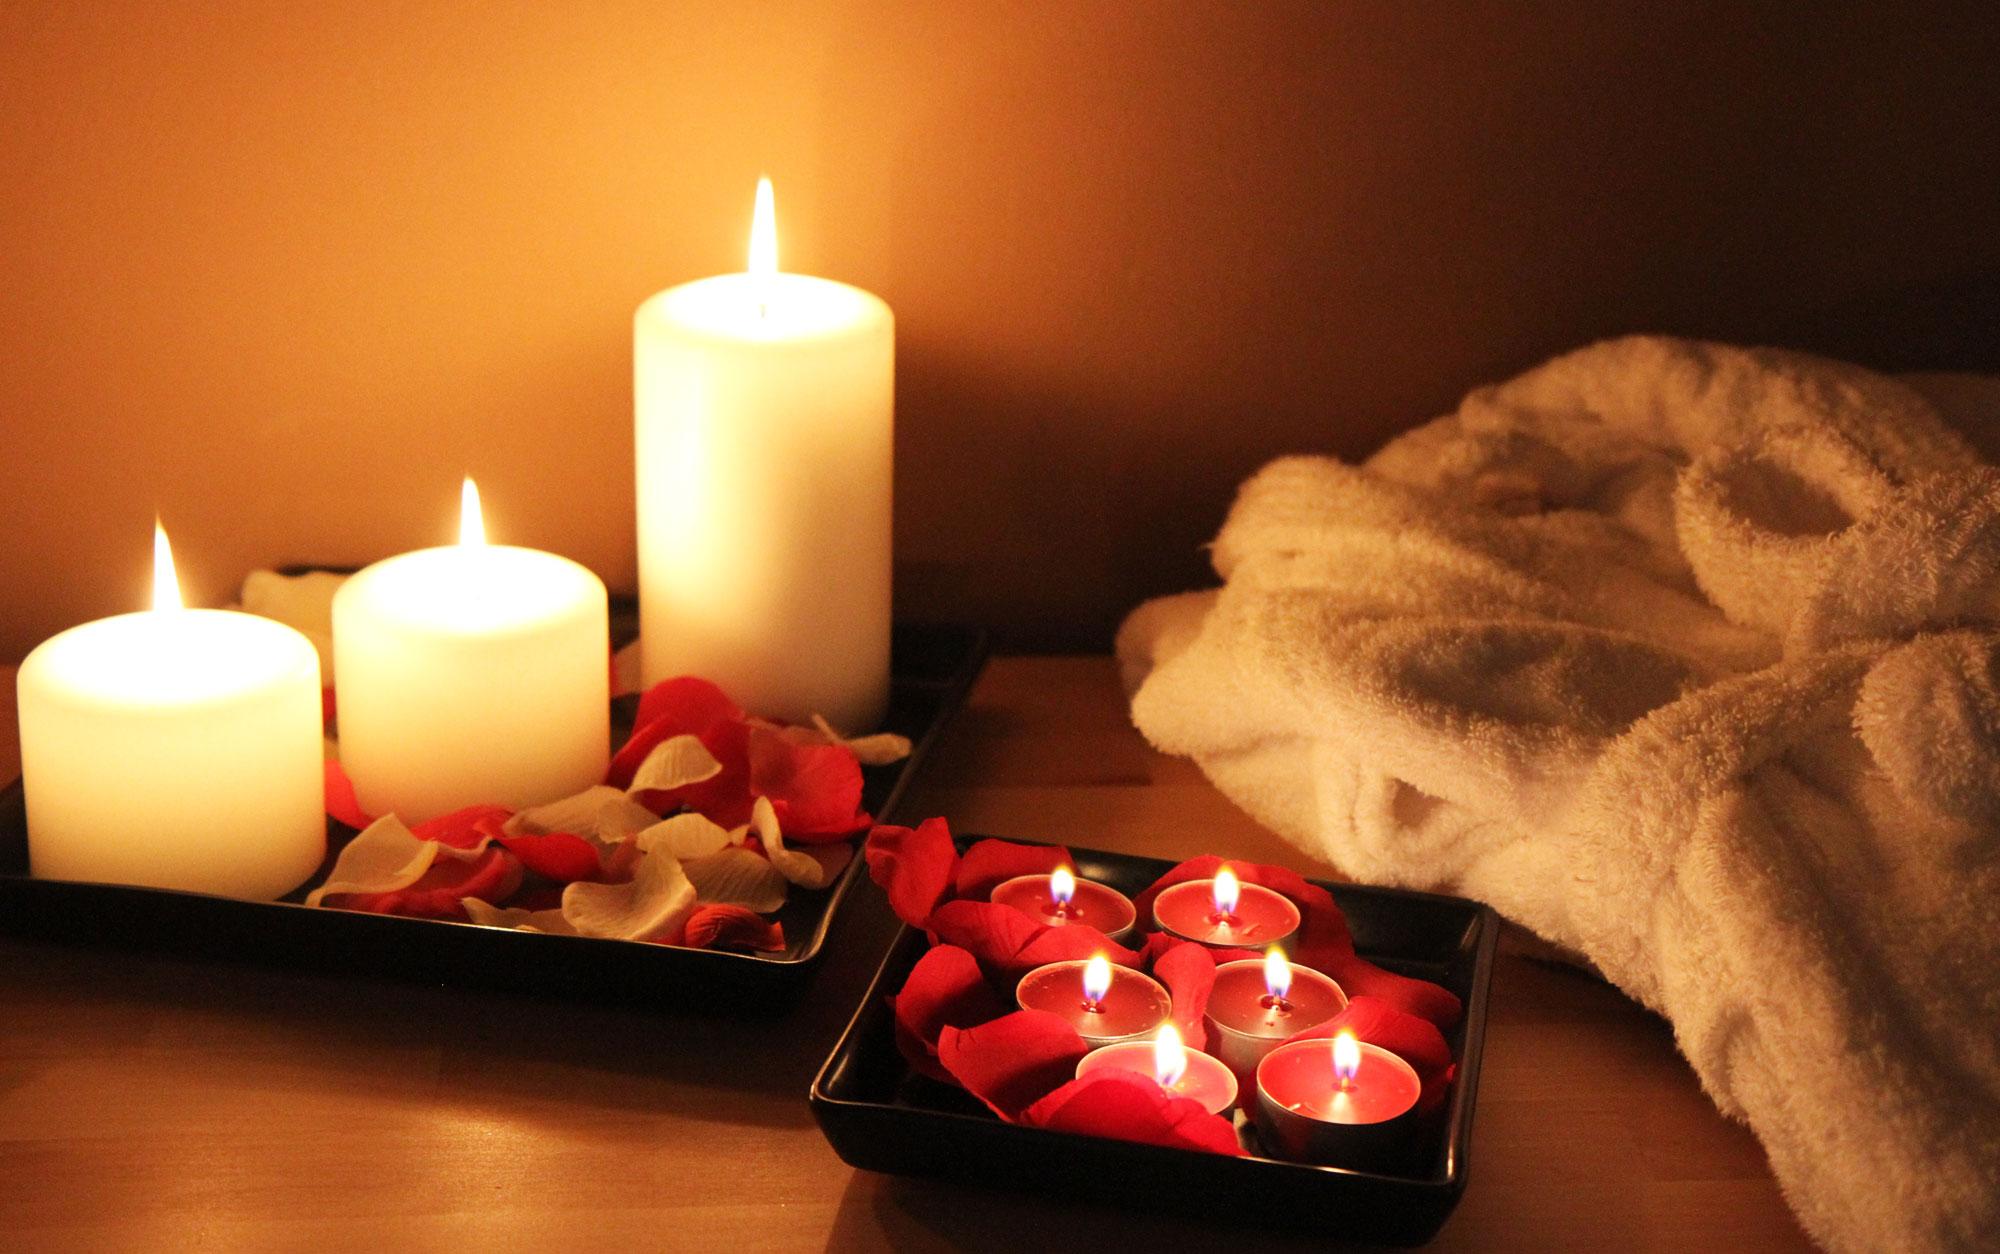 Sfondi Romantici Candele Relax E Benessere Hd Conscientia